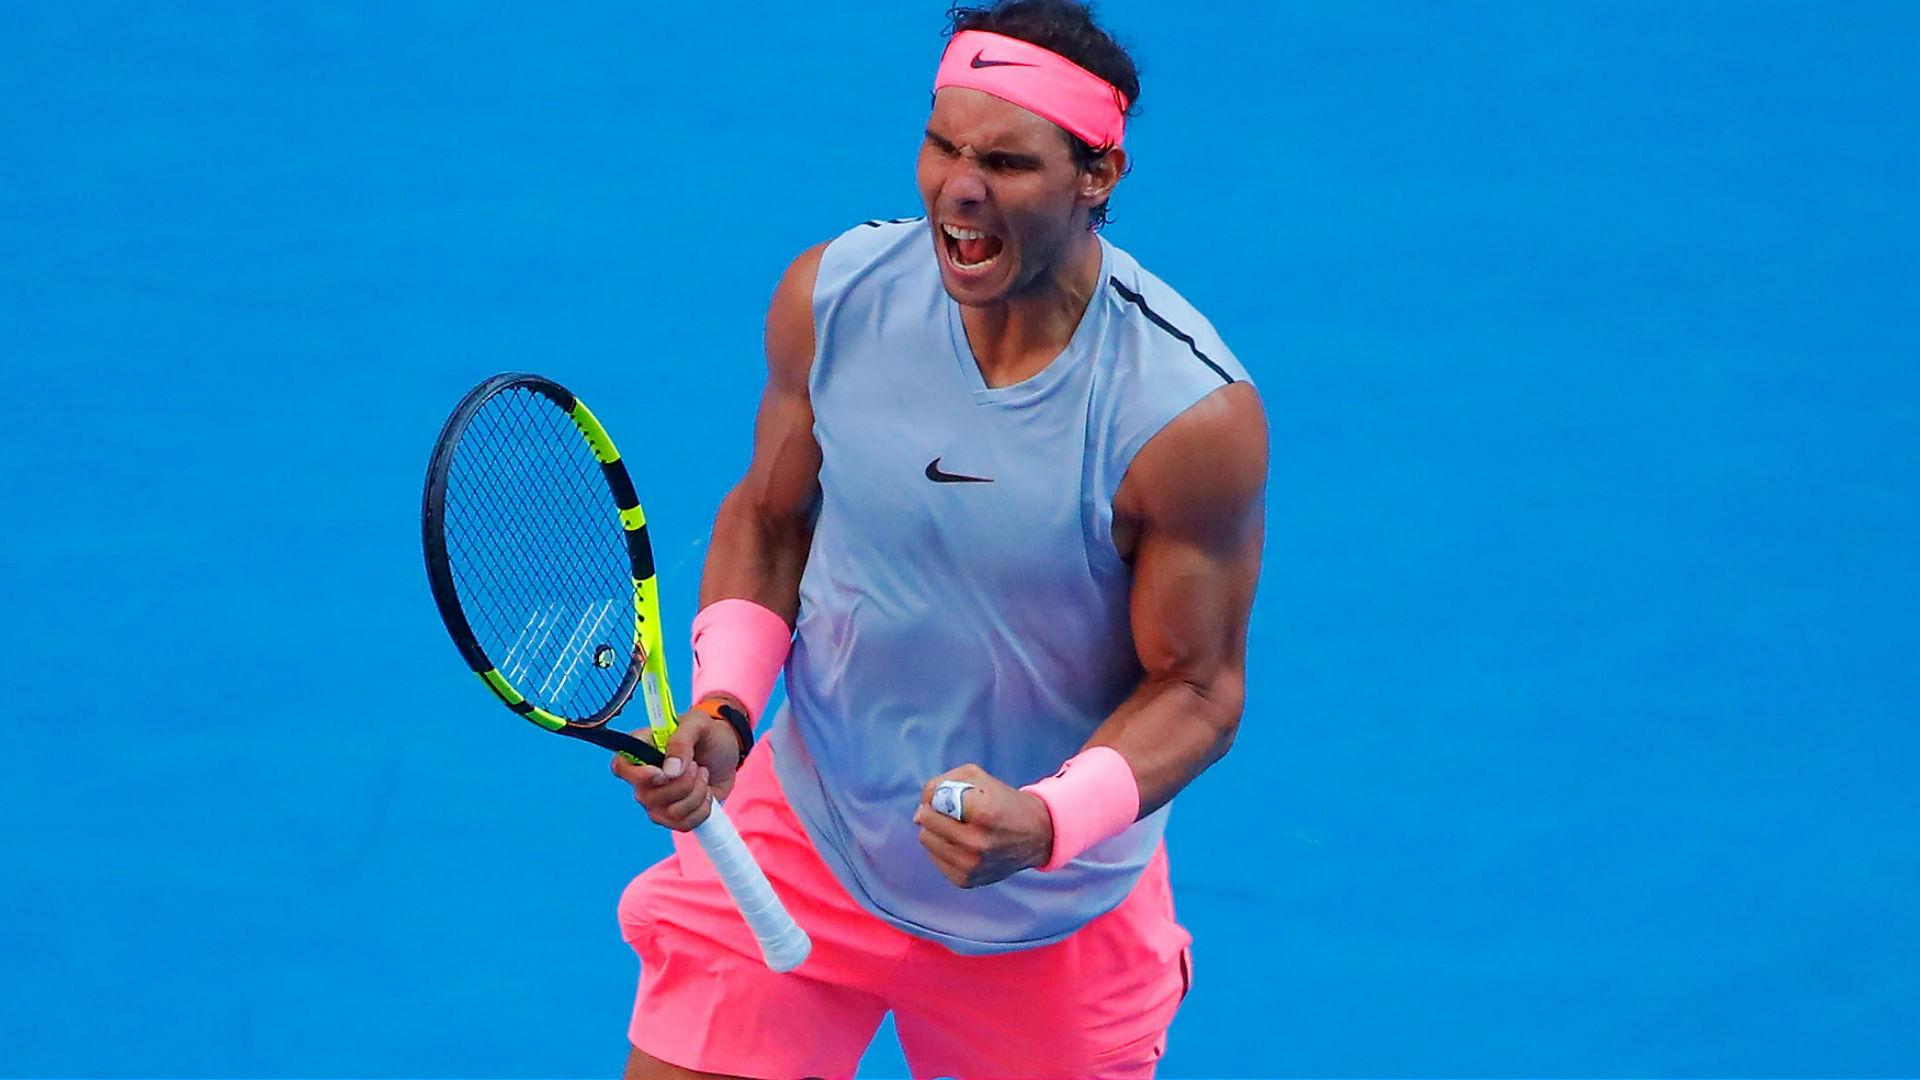 Nadal Nike Zoom Cage 3 Australian Open 2019 – LOVE